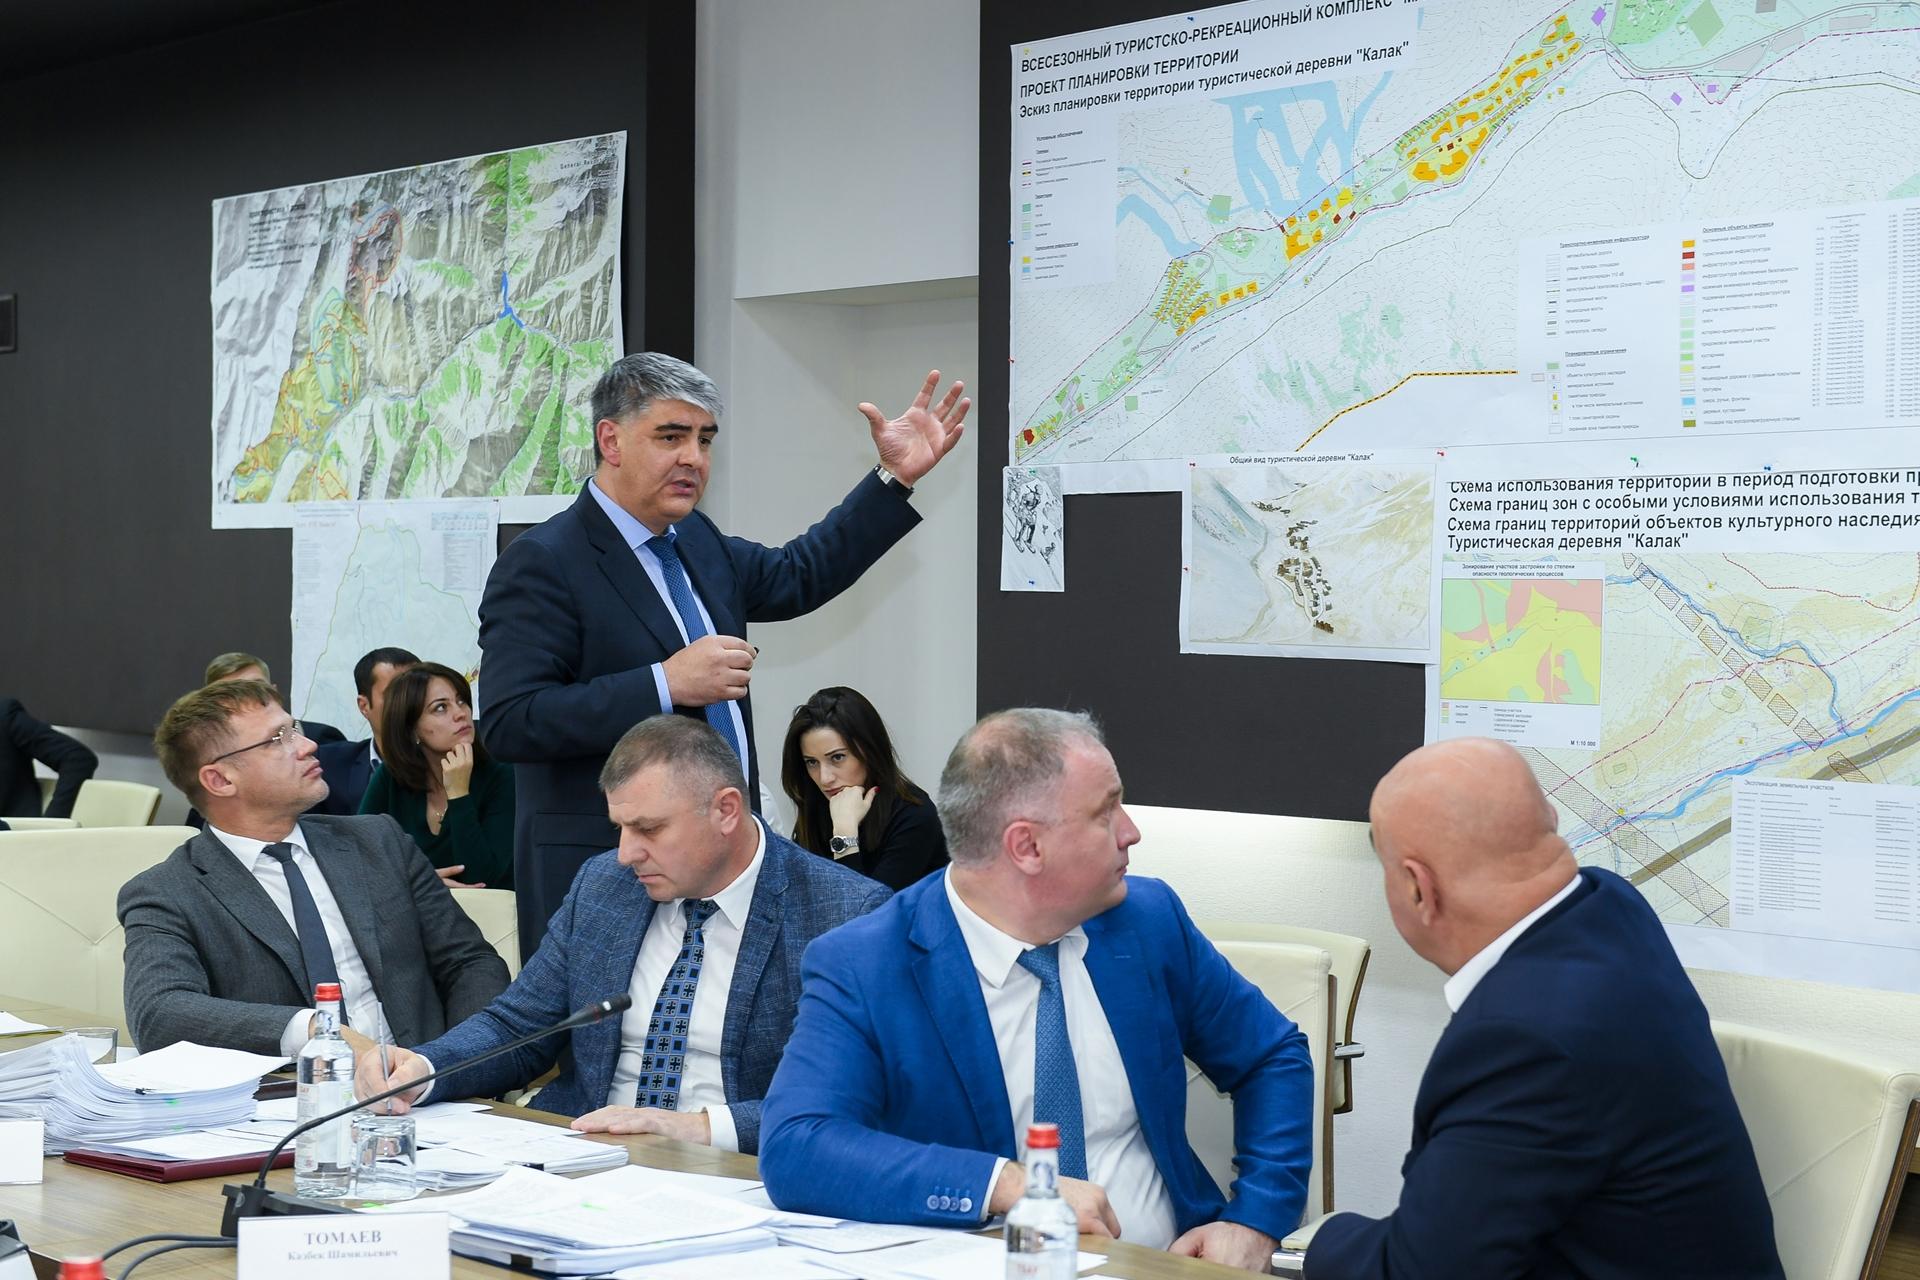 Горно-рекреационному комплексу «Мамисон» планируется вернуть статус особой экономической зоны